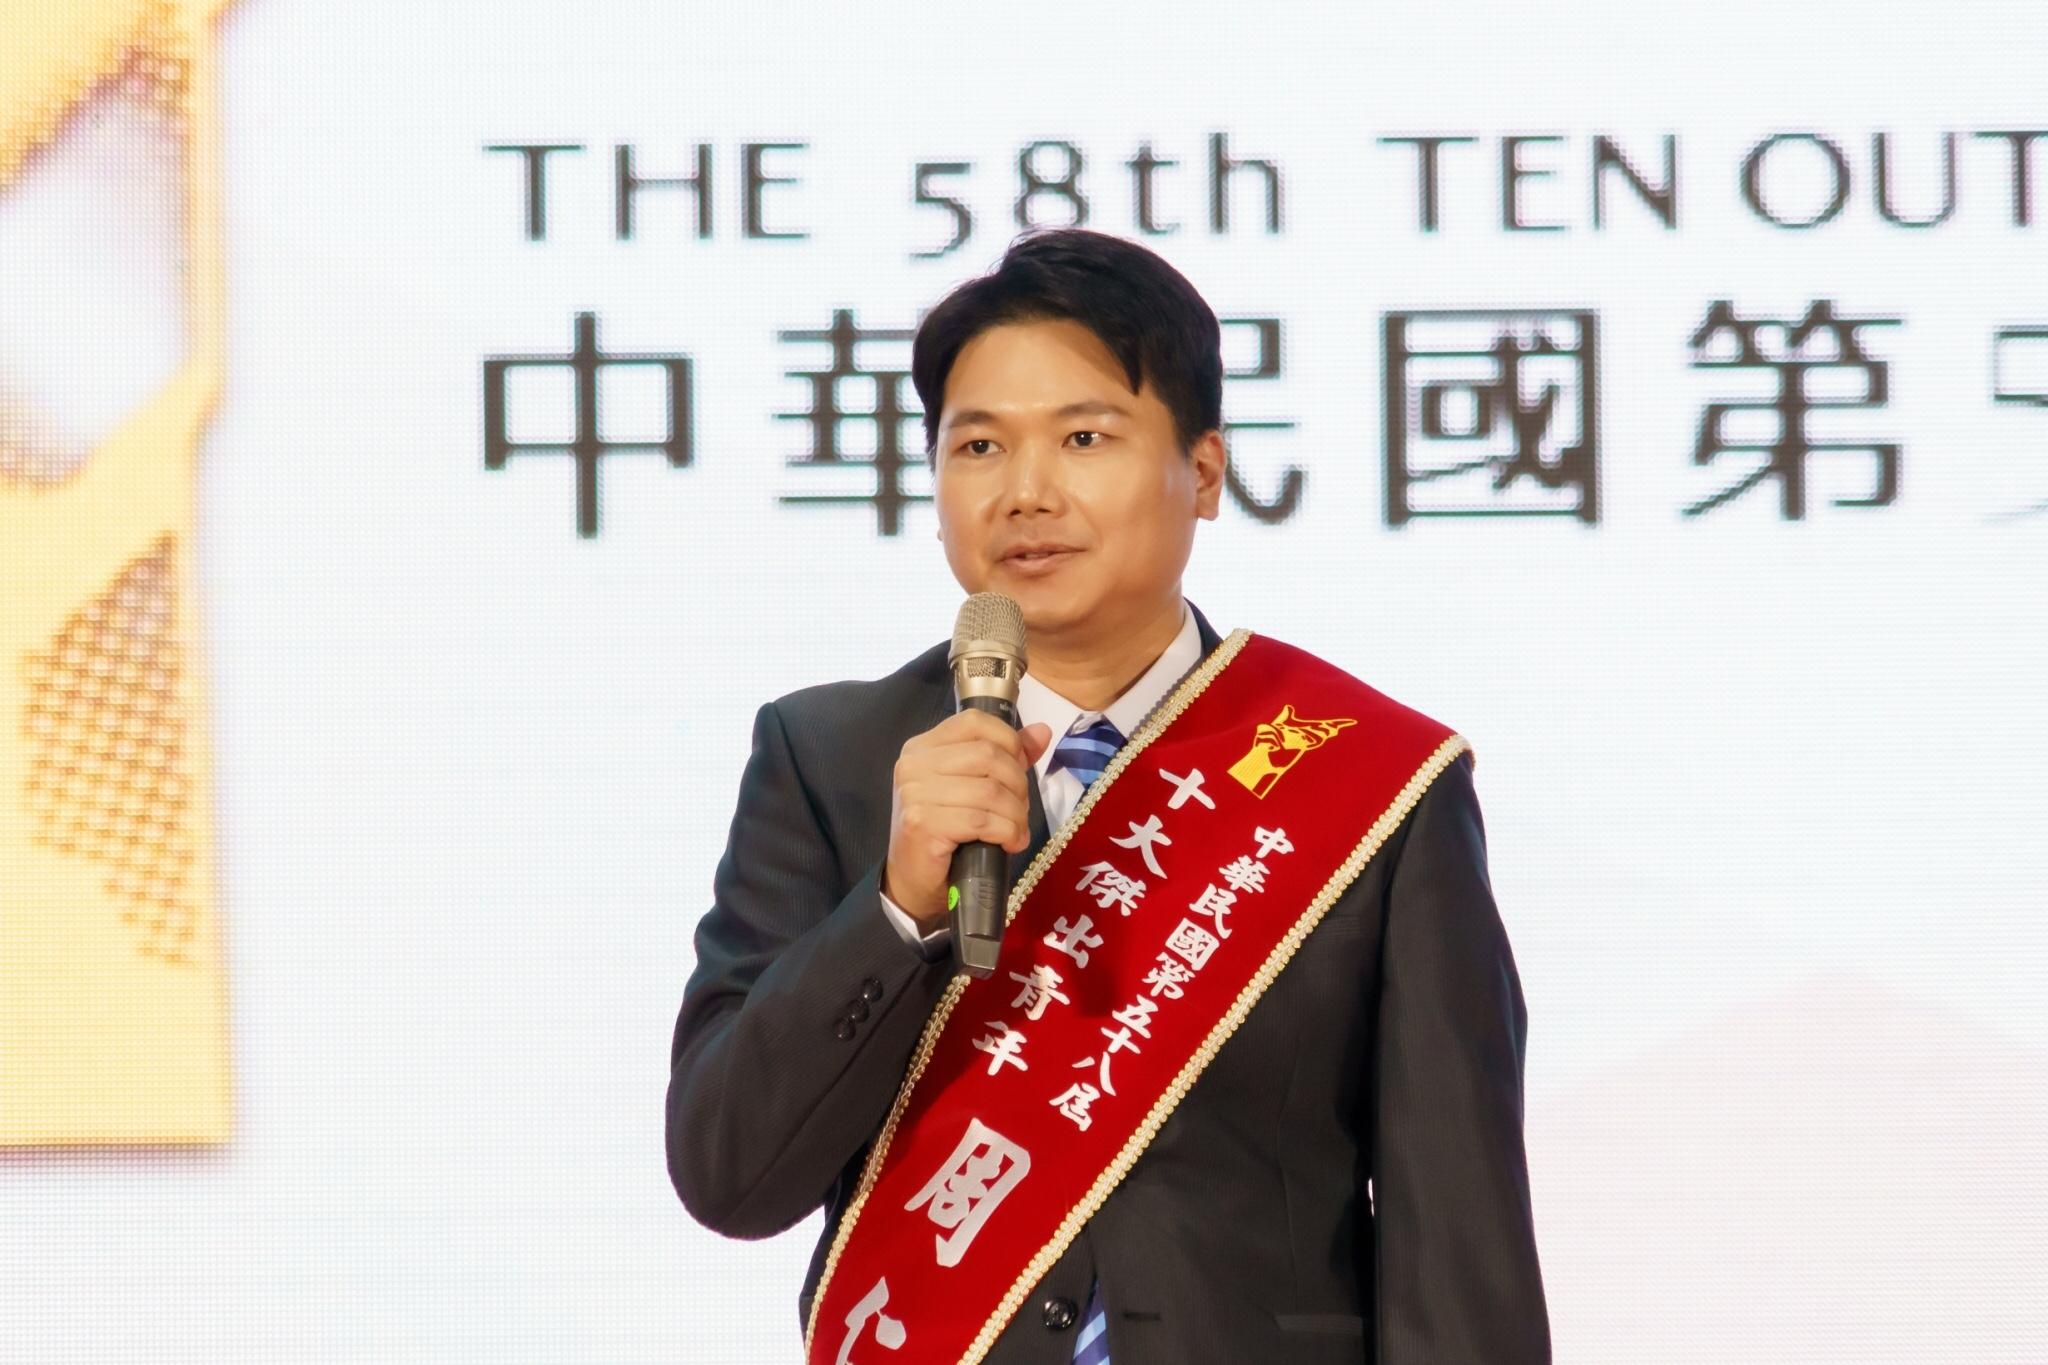 周仁海_十傑頒獎典禮照片2.jpg